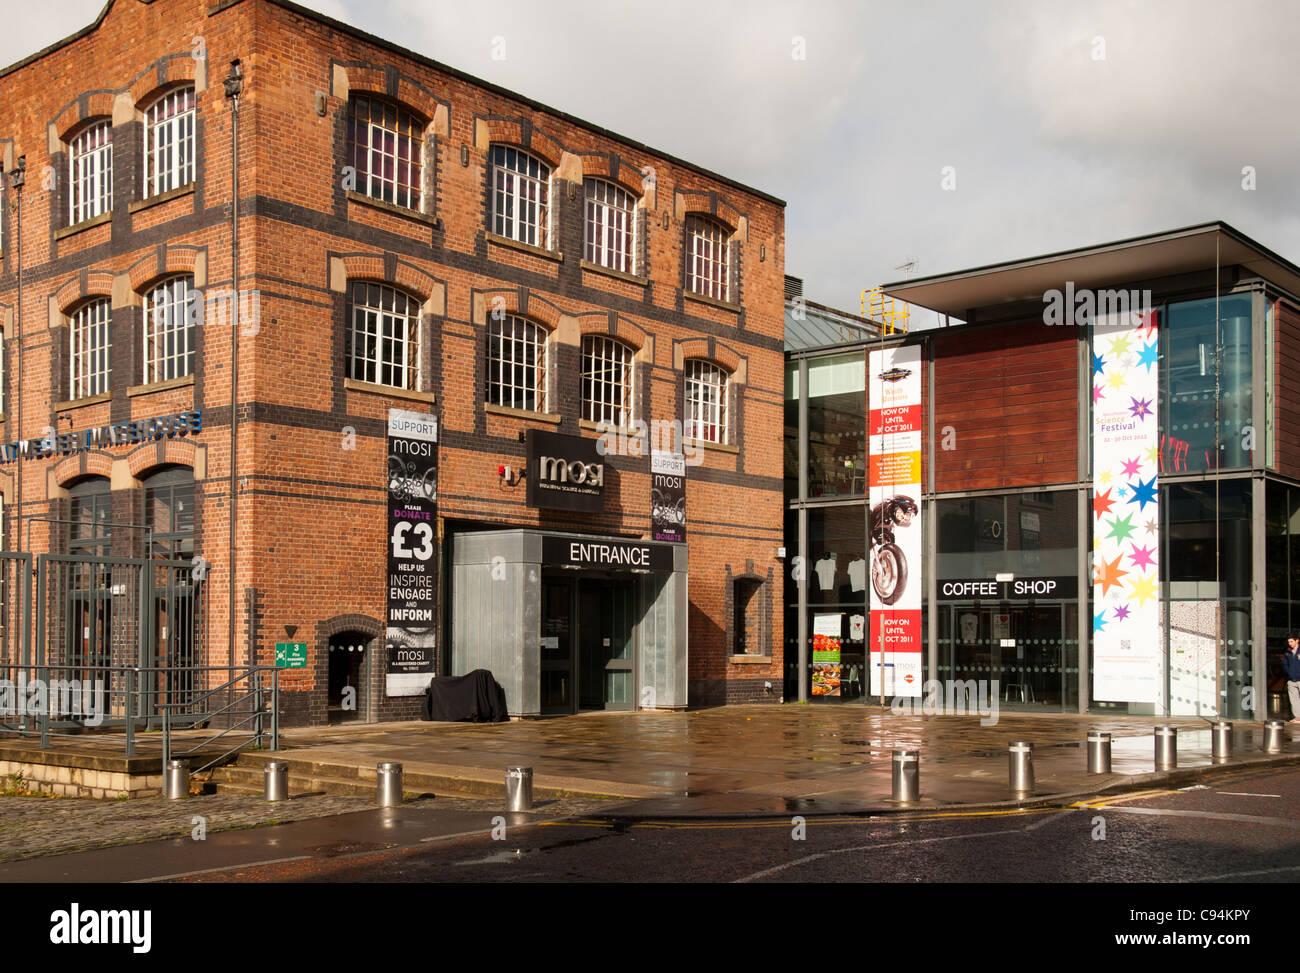 L'entrée au Musée des sciences et de l'industrie, Rue Byrom, Manchester, Angleterre, RU Photo Stock